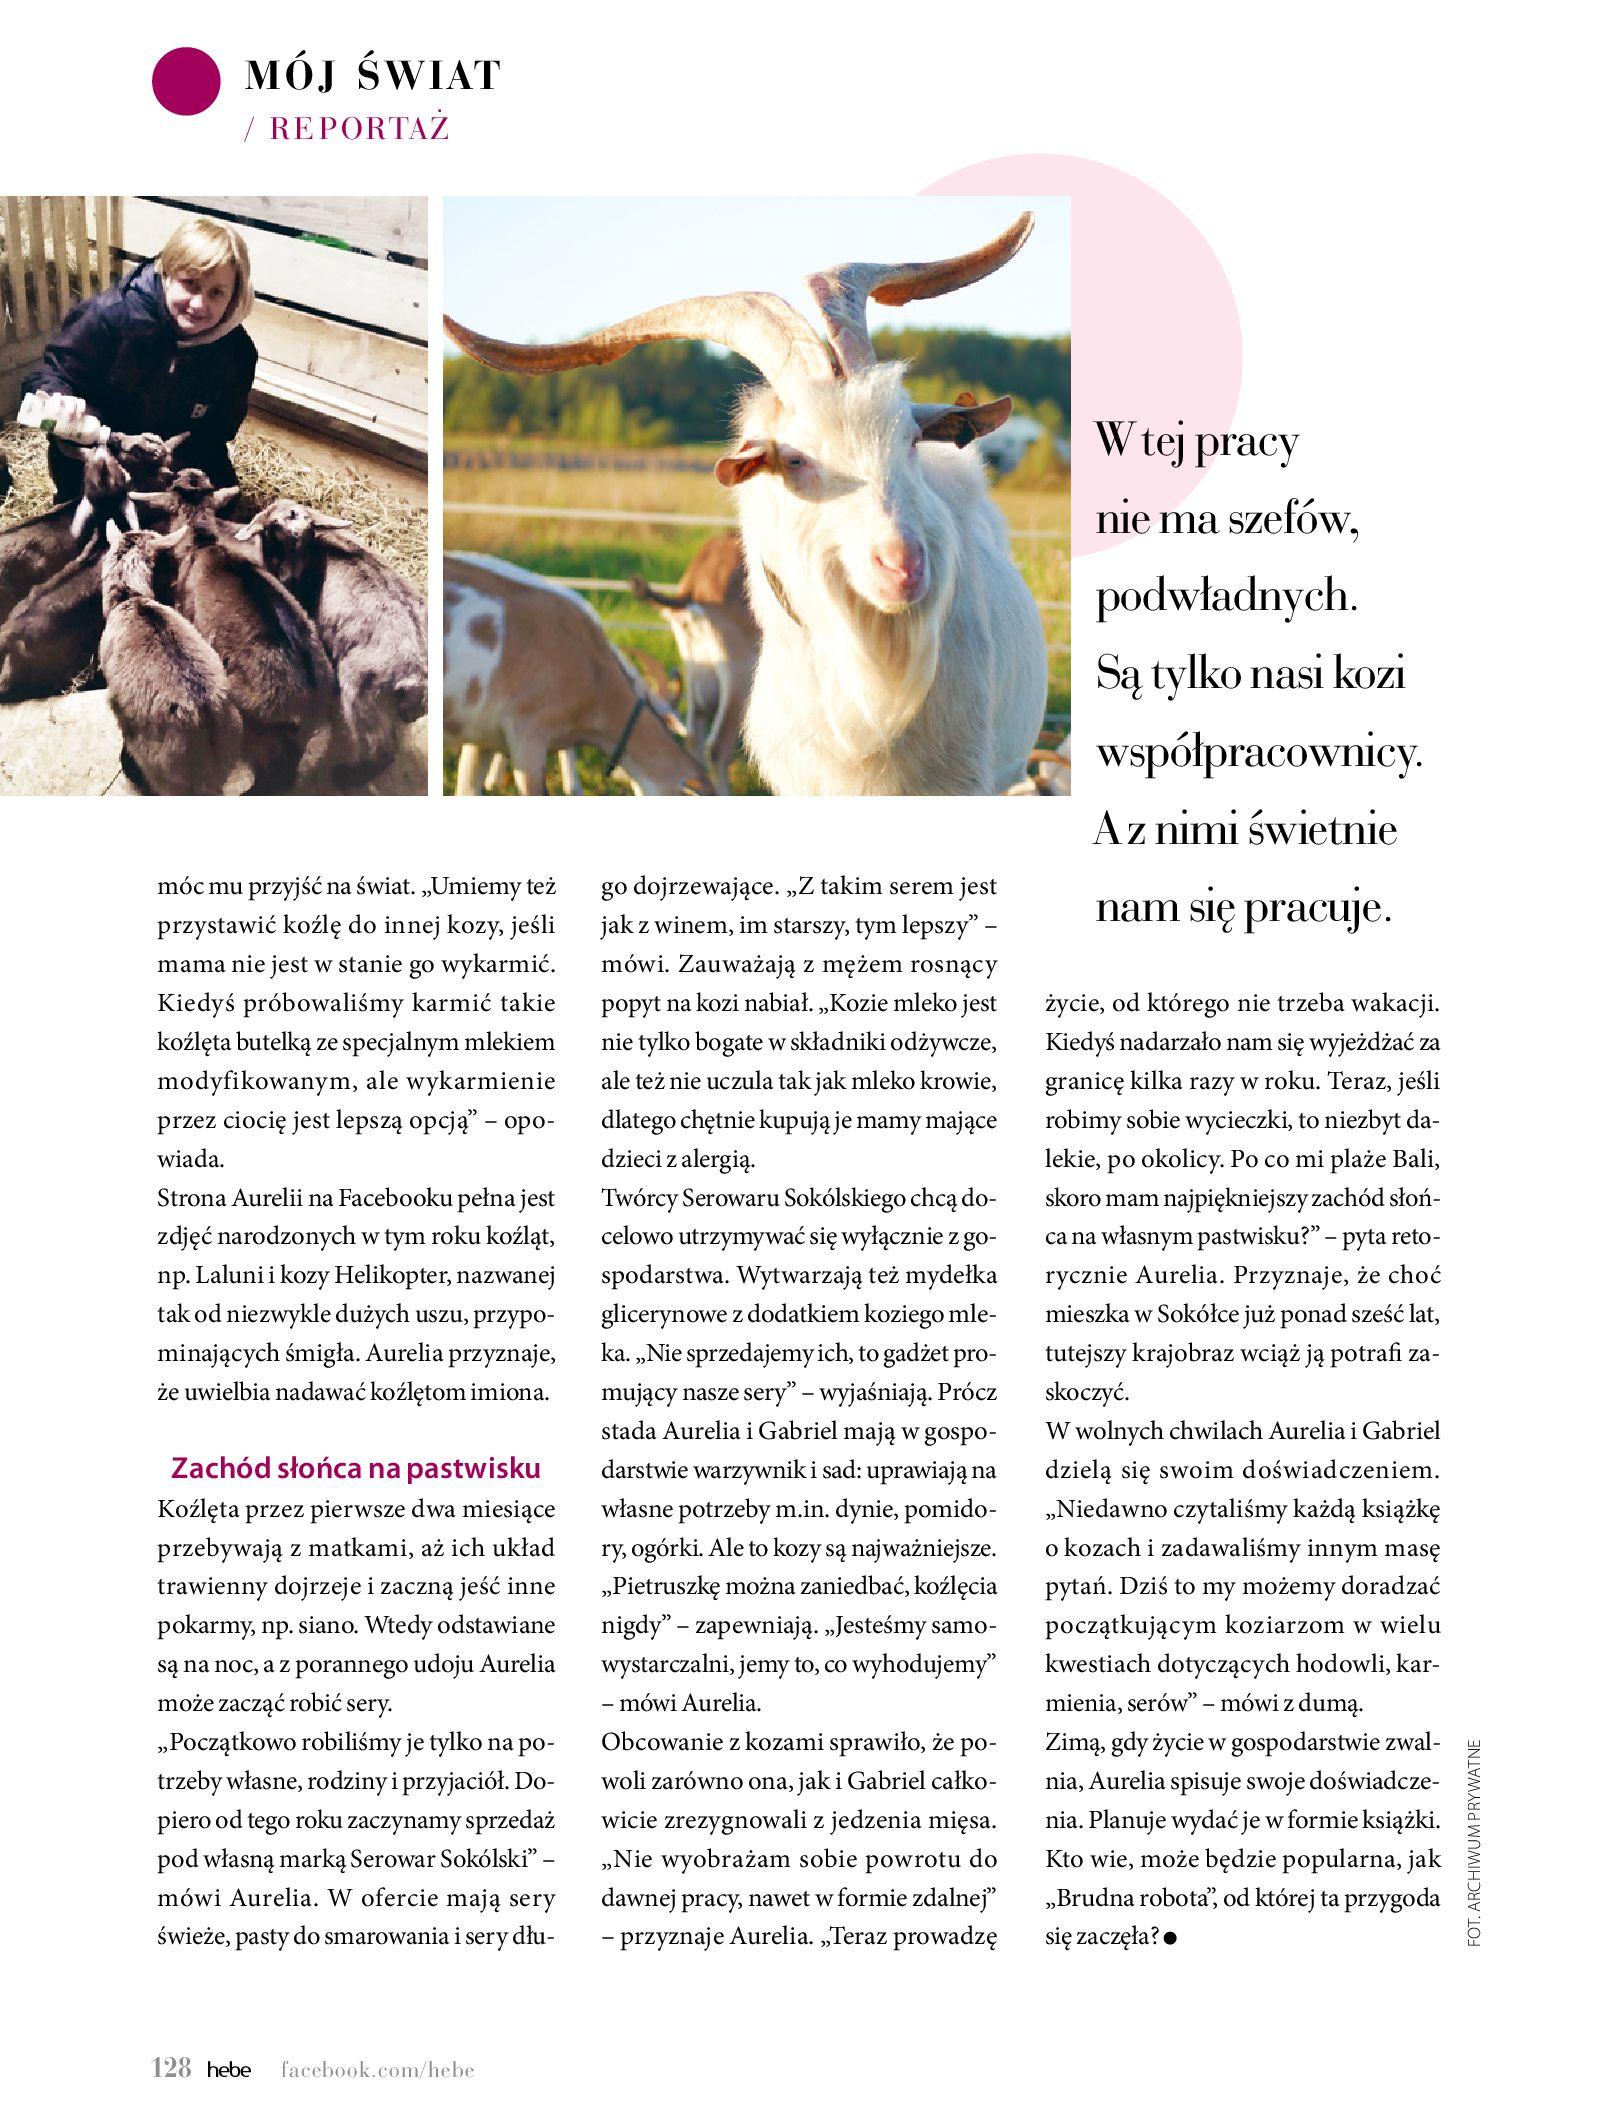 Gazetka hebe - Magazyn Hebe-30.06.2020-31.08.2020-page-128